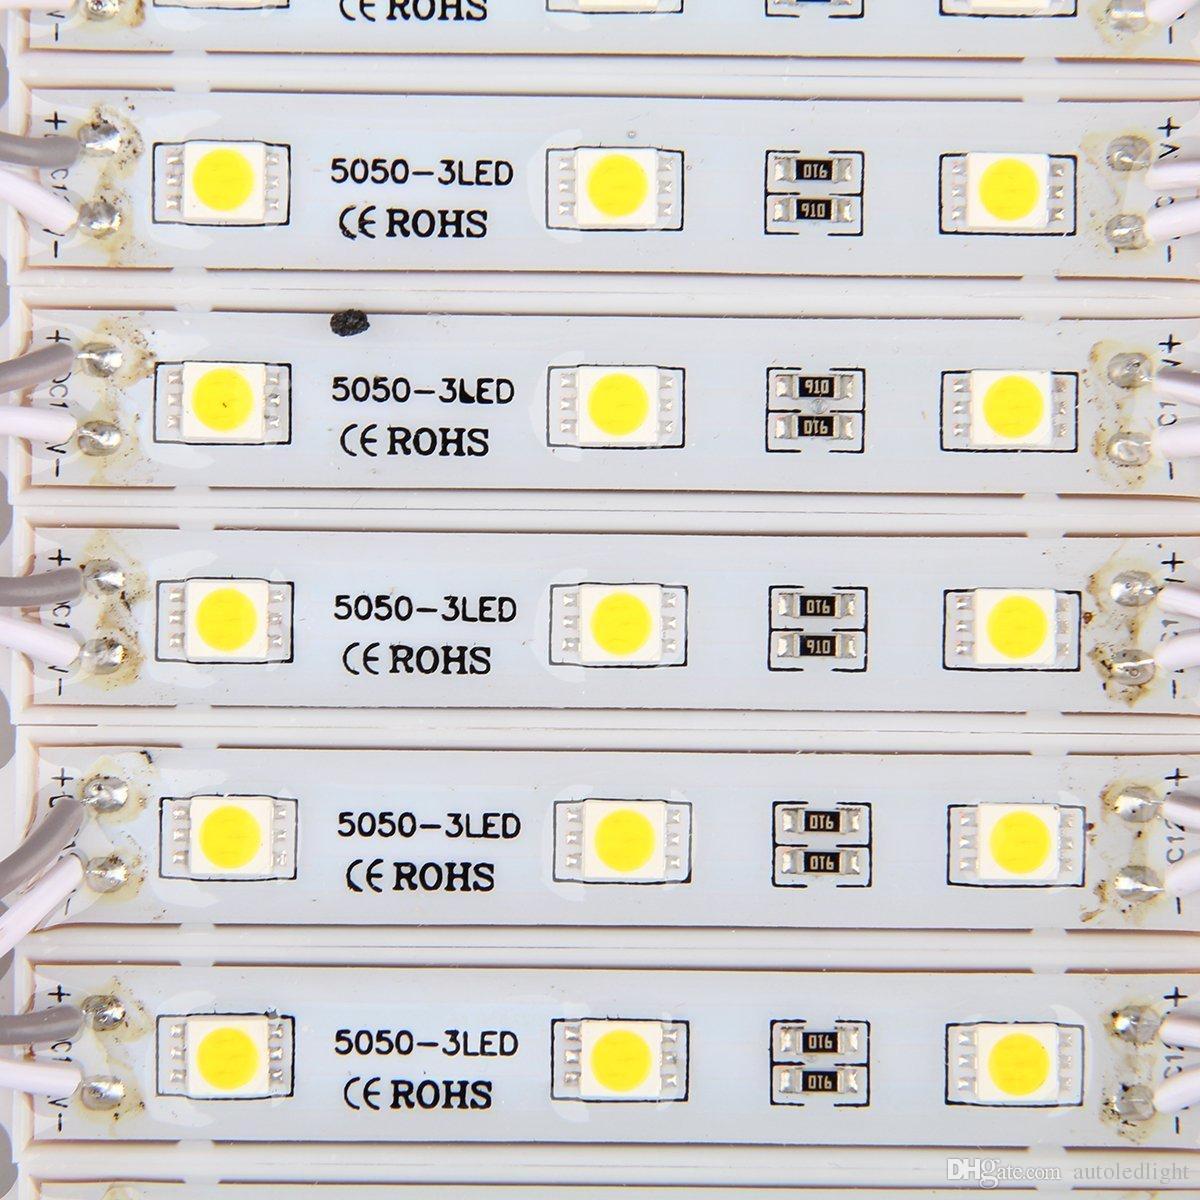 5050 SMD 3 LED وحدة RGB للماء ضوء مصباح للمنزل حديقة عيد الميلاد حفل زفاف الديكور أو تصميم إلكتروني